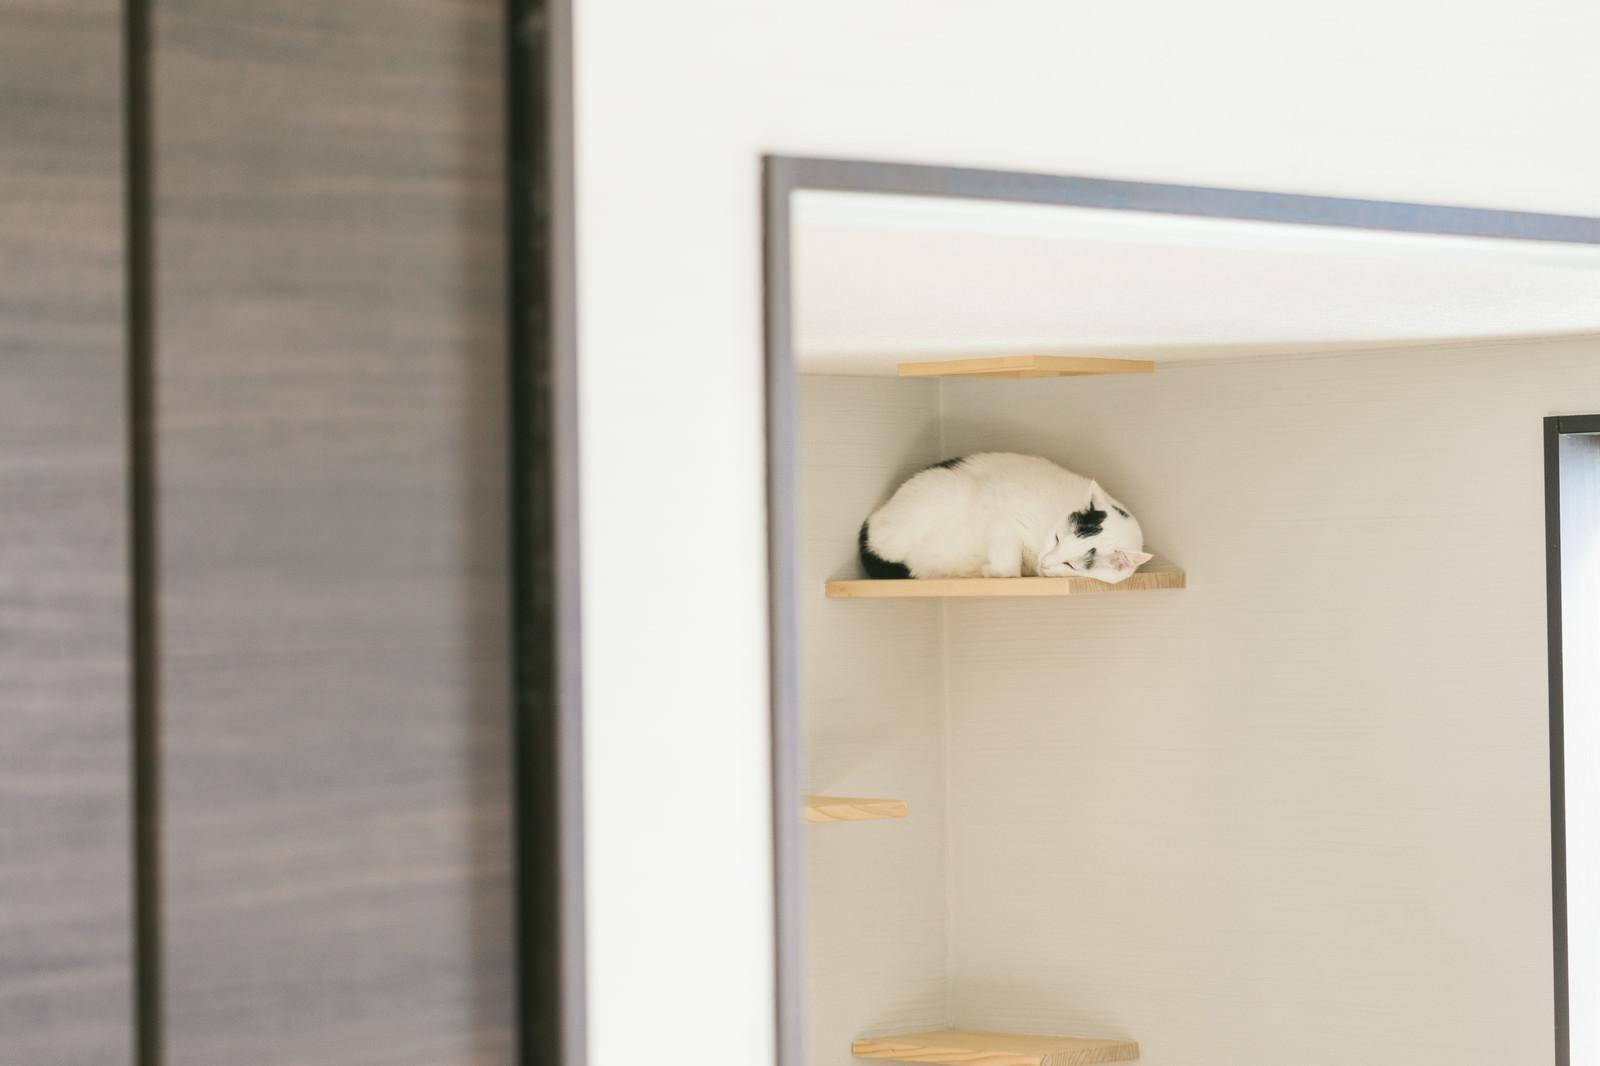 「キャットウォークですやすや眠る猫キャットウォークですやすや眠る猫」のフリー写真素材を拡大